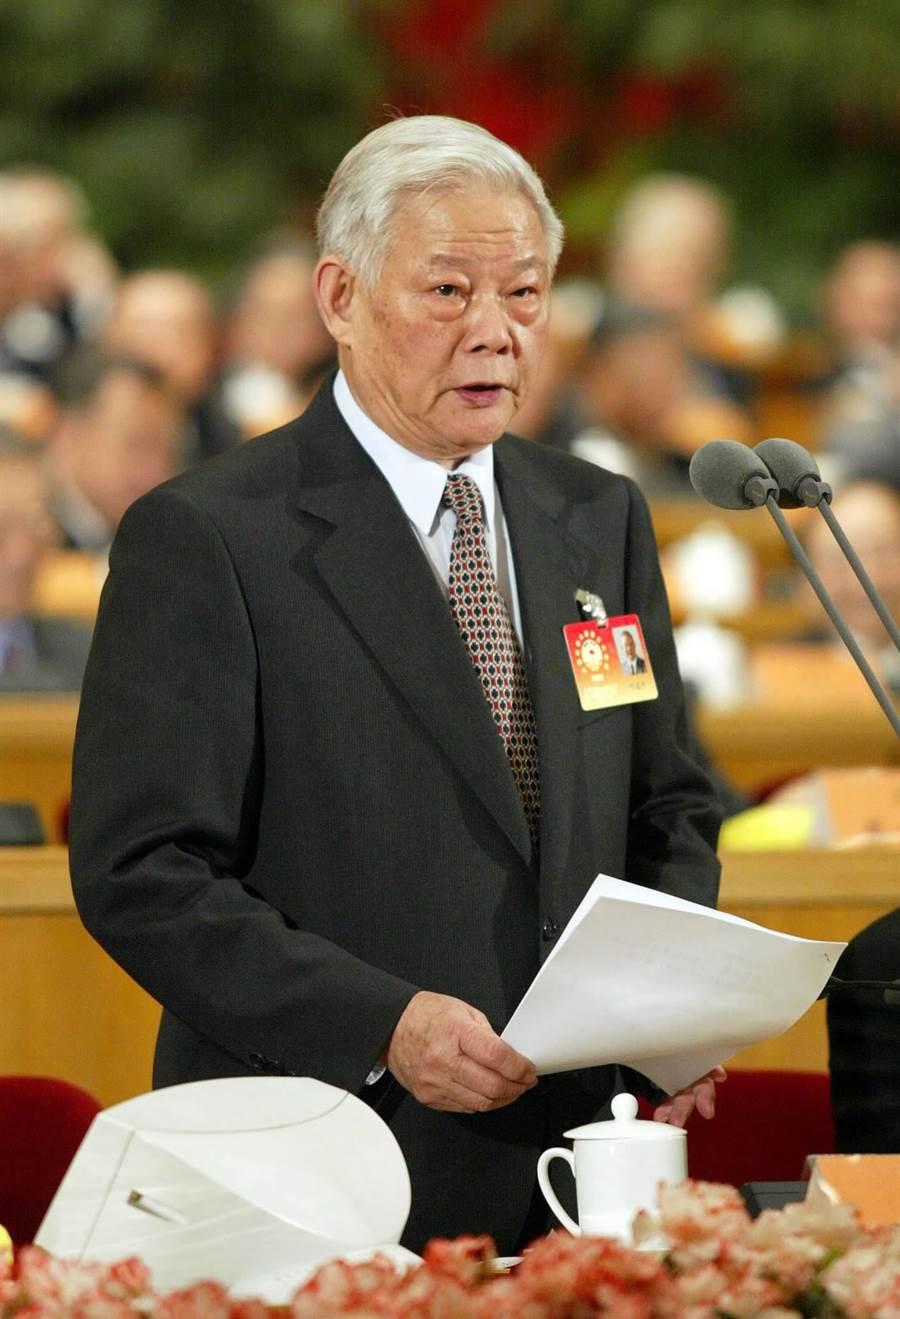 大陸第9屆全國政協副主席葉選平2002年3月在政協全國委員會第5次會議上主持閉幕大會。(圖/新華社)